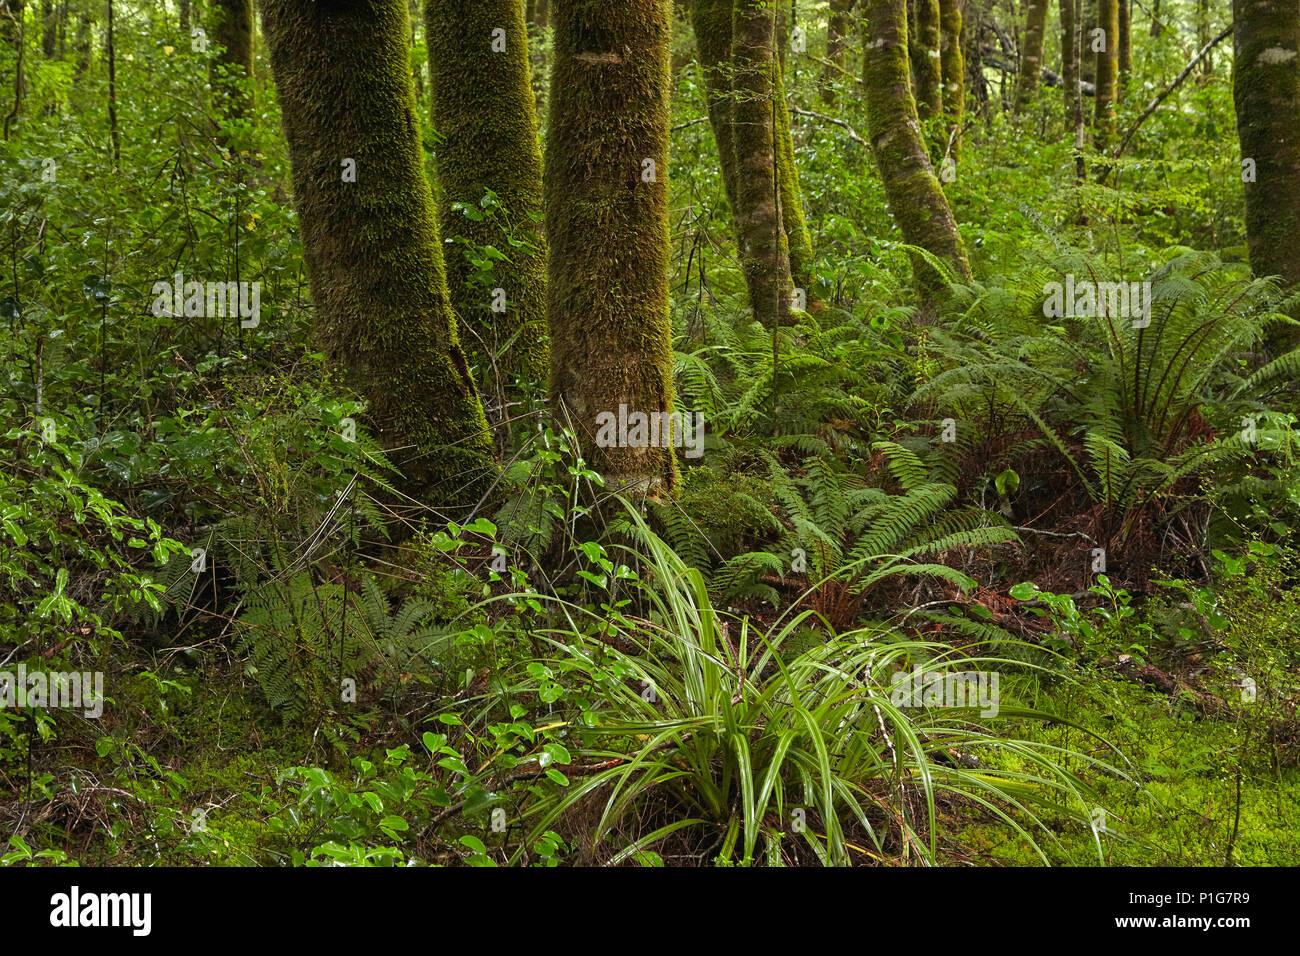 Foresta nativa accanto a piscine Blu via, montare gli aspiranti National Park, Haast Pass, vicino Makarora, Otago, Isola del Sud, Nuova Zelanda Immagini Stock